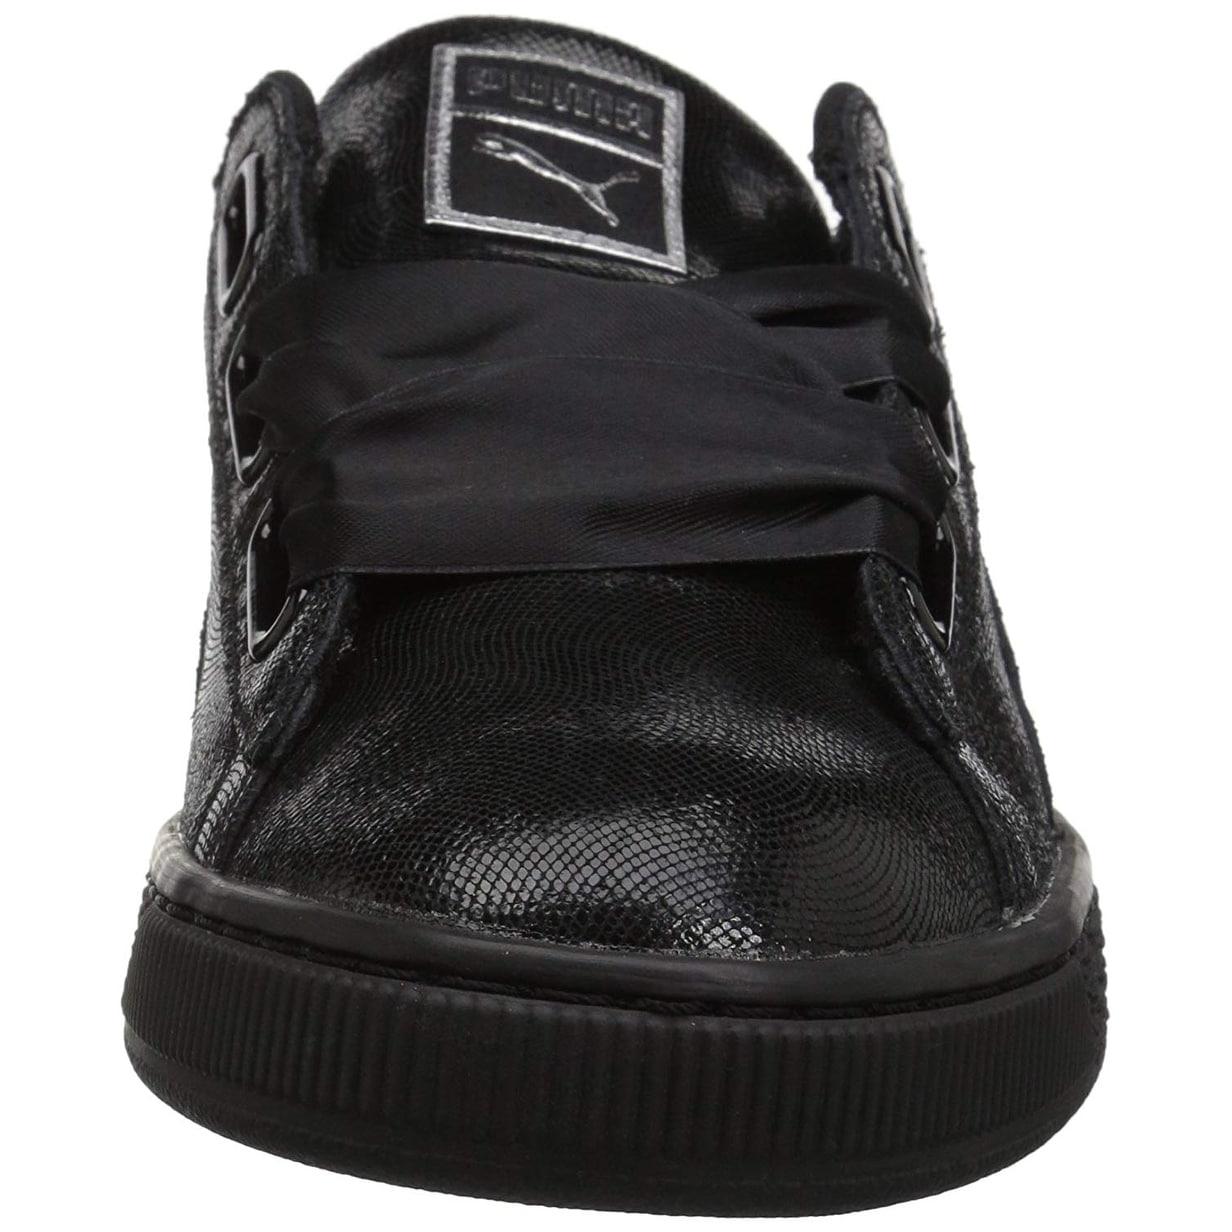 804ca5d8a1b53 PUMA Women's Basket Heart NS Wn Sneaker - 7